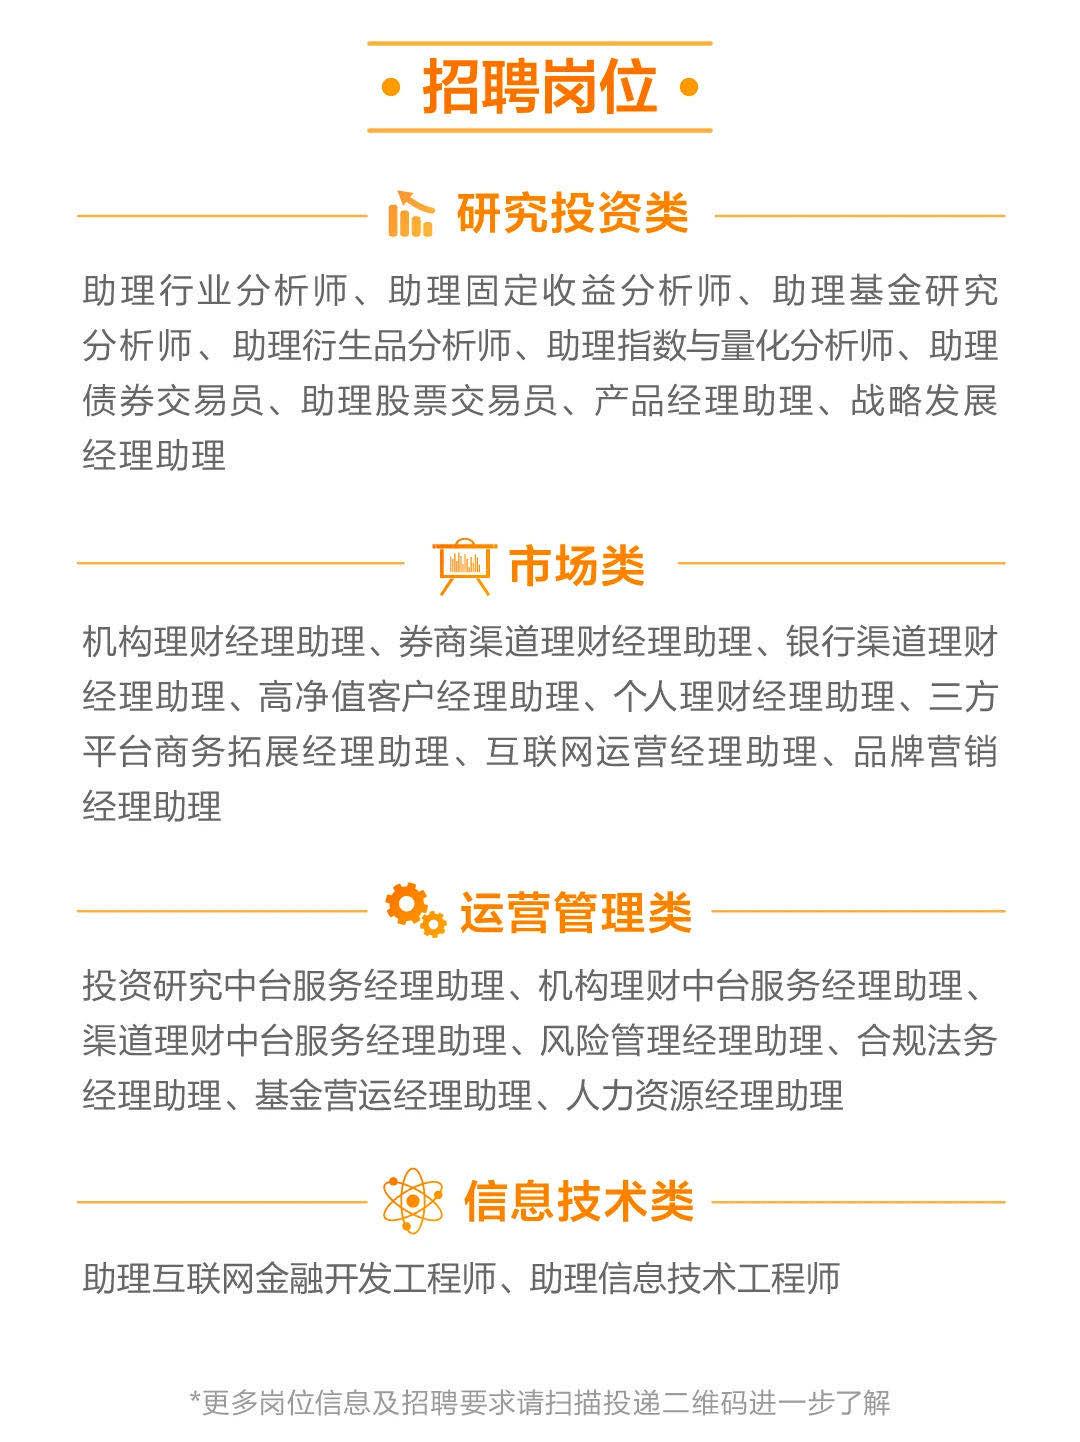 北上广人均存款_北上广深图片(2)